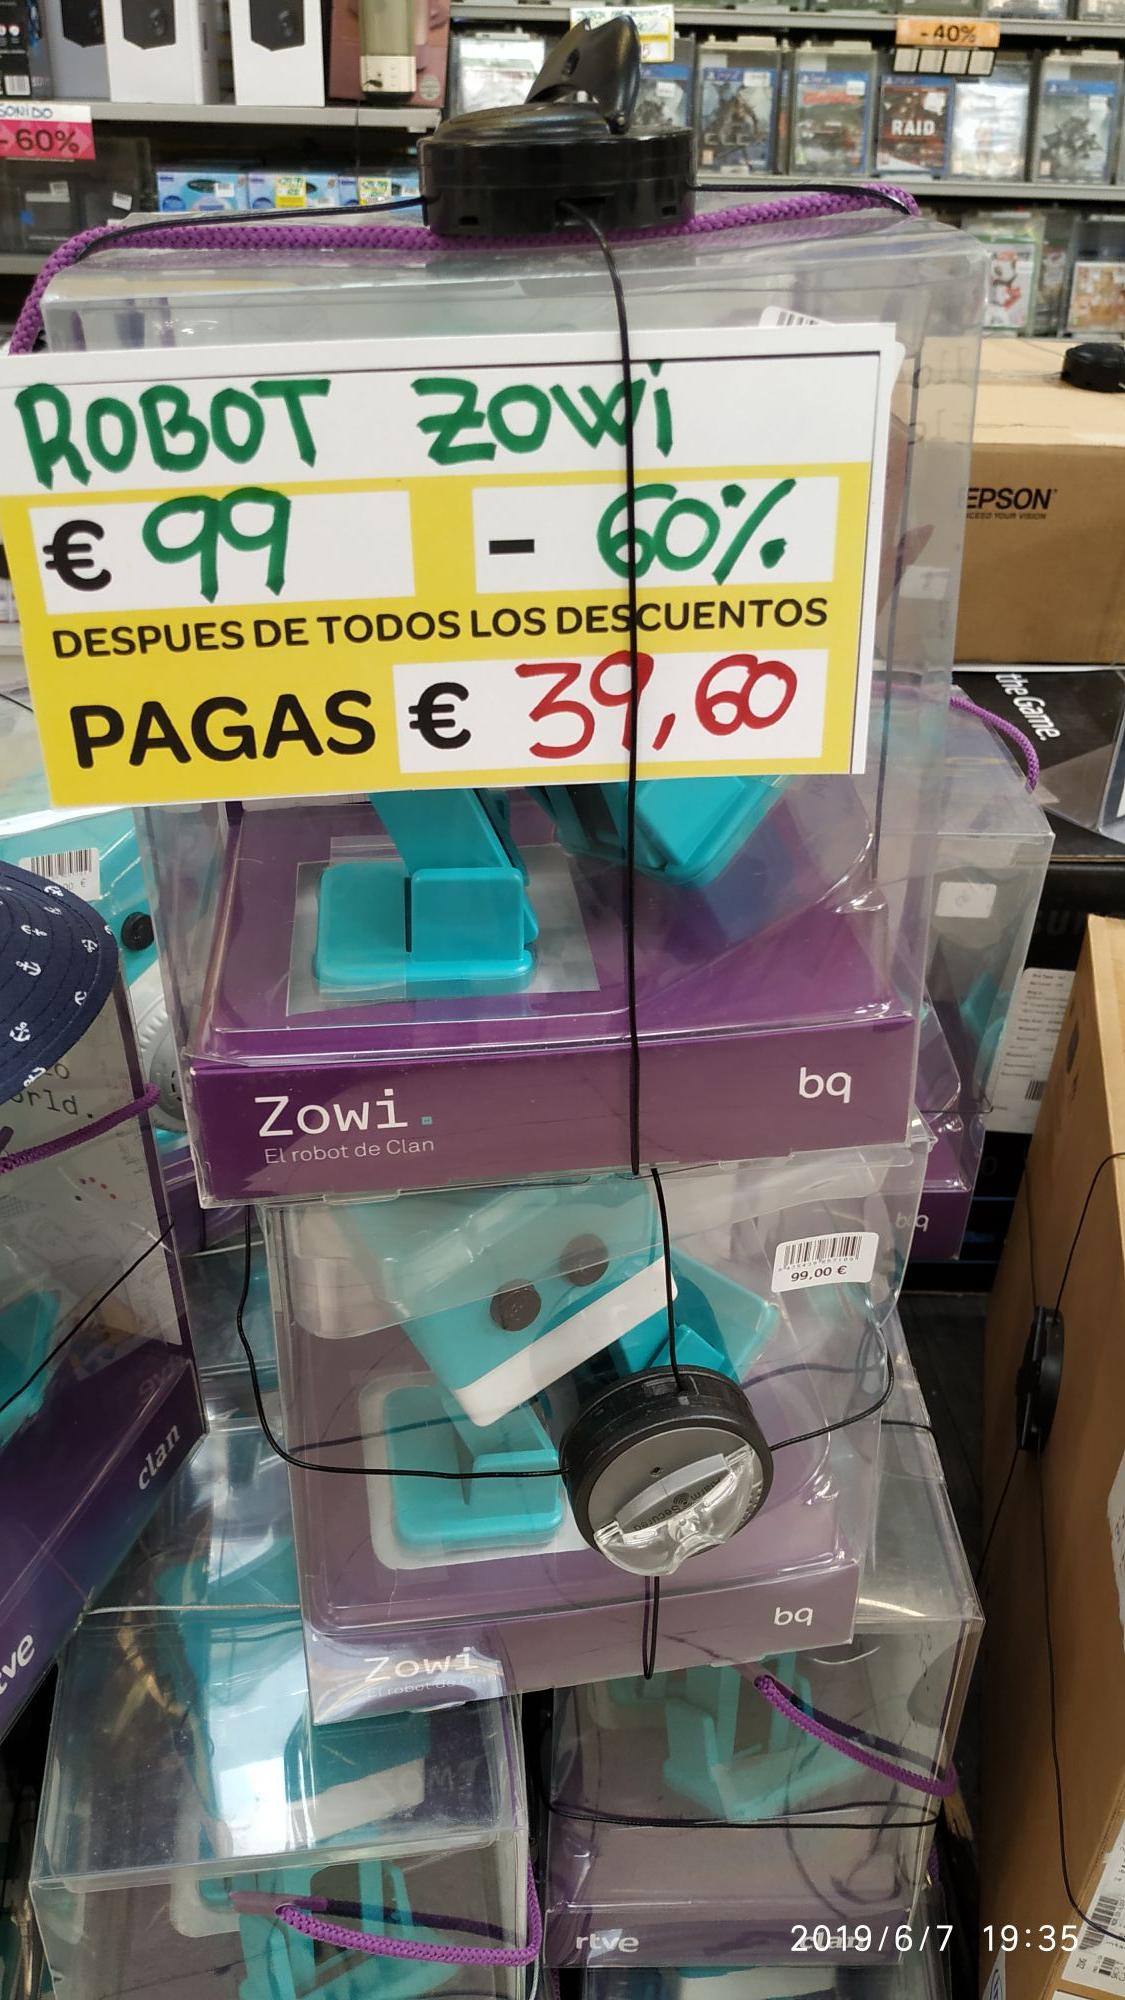 Robot Zowi BQ (Carrefour de Zaragoza)